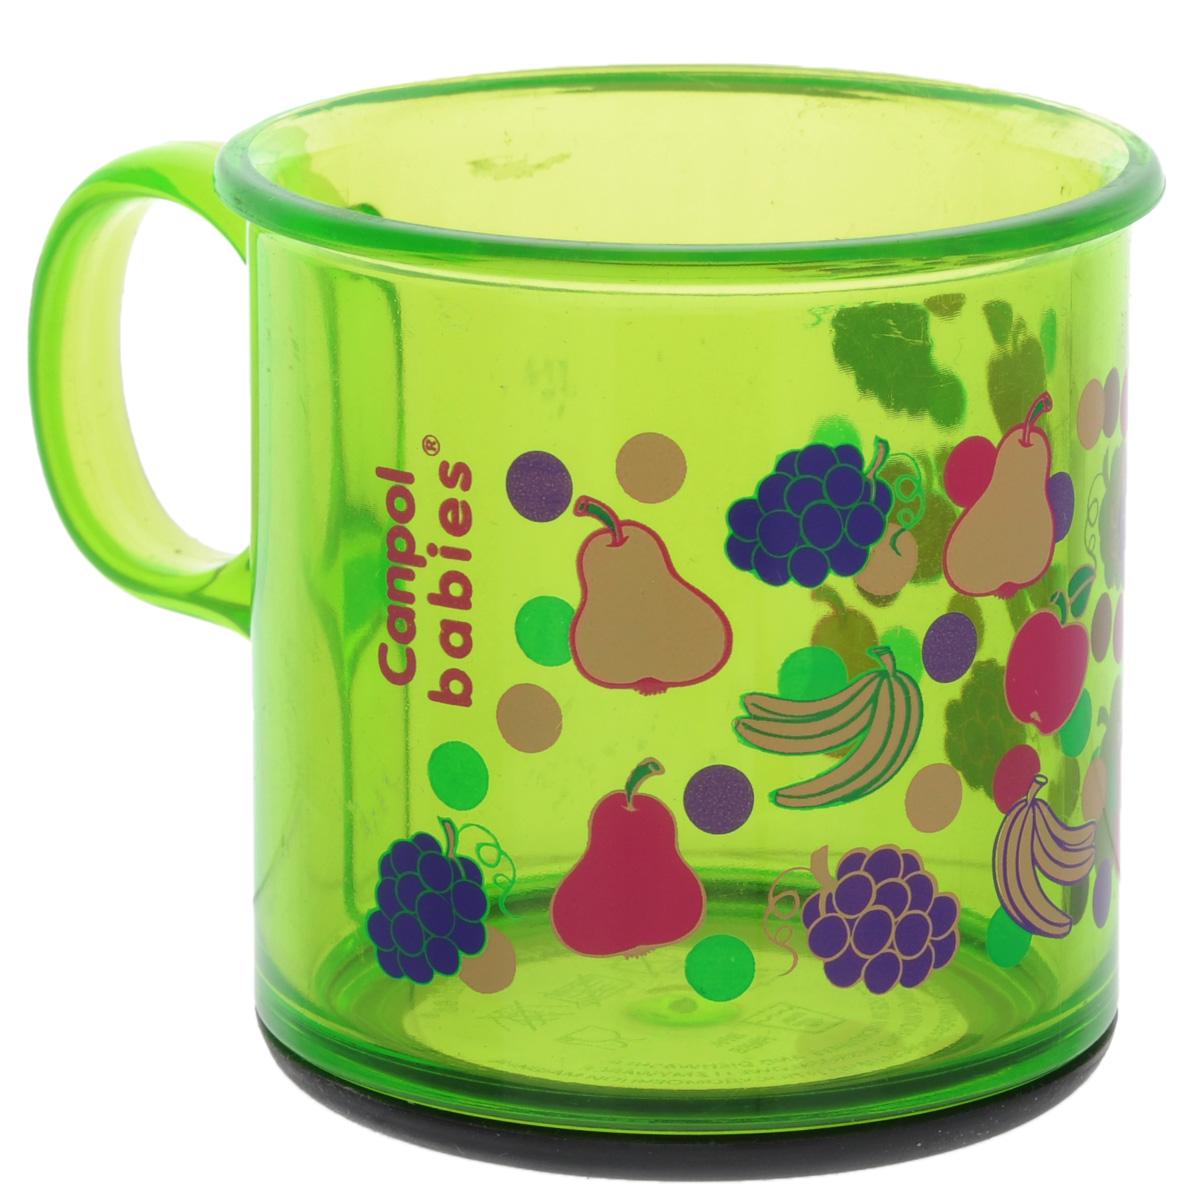 Canpol Babies Кружка цвет зеленый 170 мл2/100_зеленыйКружка Canpol Babies идеально подходит для малышей. Изделие выполнено из высококачественного полупрозрачного пластика, который выдерживает температуру нагрева до +40°С. Внешние стенки украшены ярким изображением фруктов и ягод. Кружка безопасна для использования детьми, так как она не бьется. Основание оснащено резиновой вставкой для большей устойчивости. Не рекомендуется мыть в посудомоечной машине и использовать в микроволновой печи.